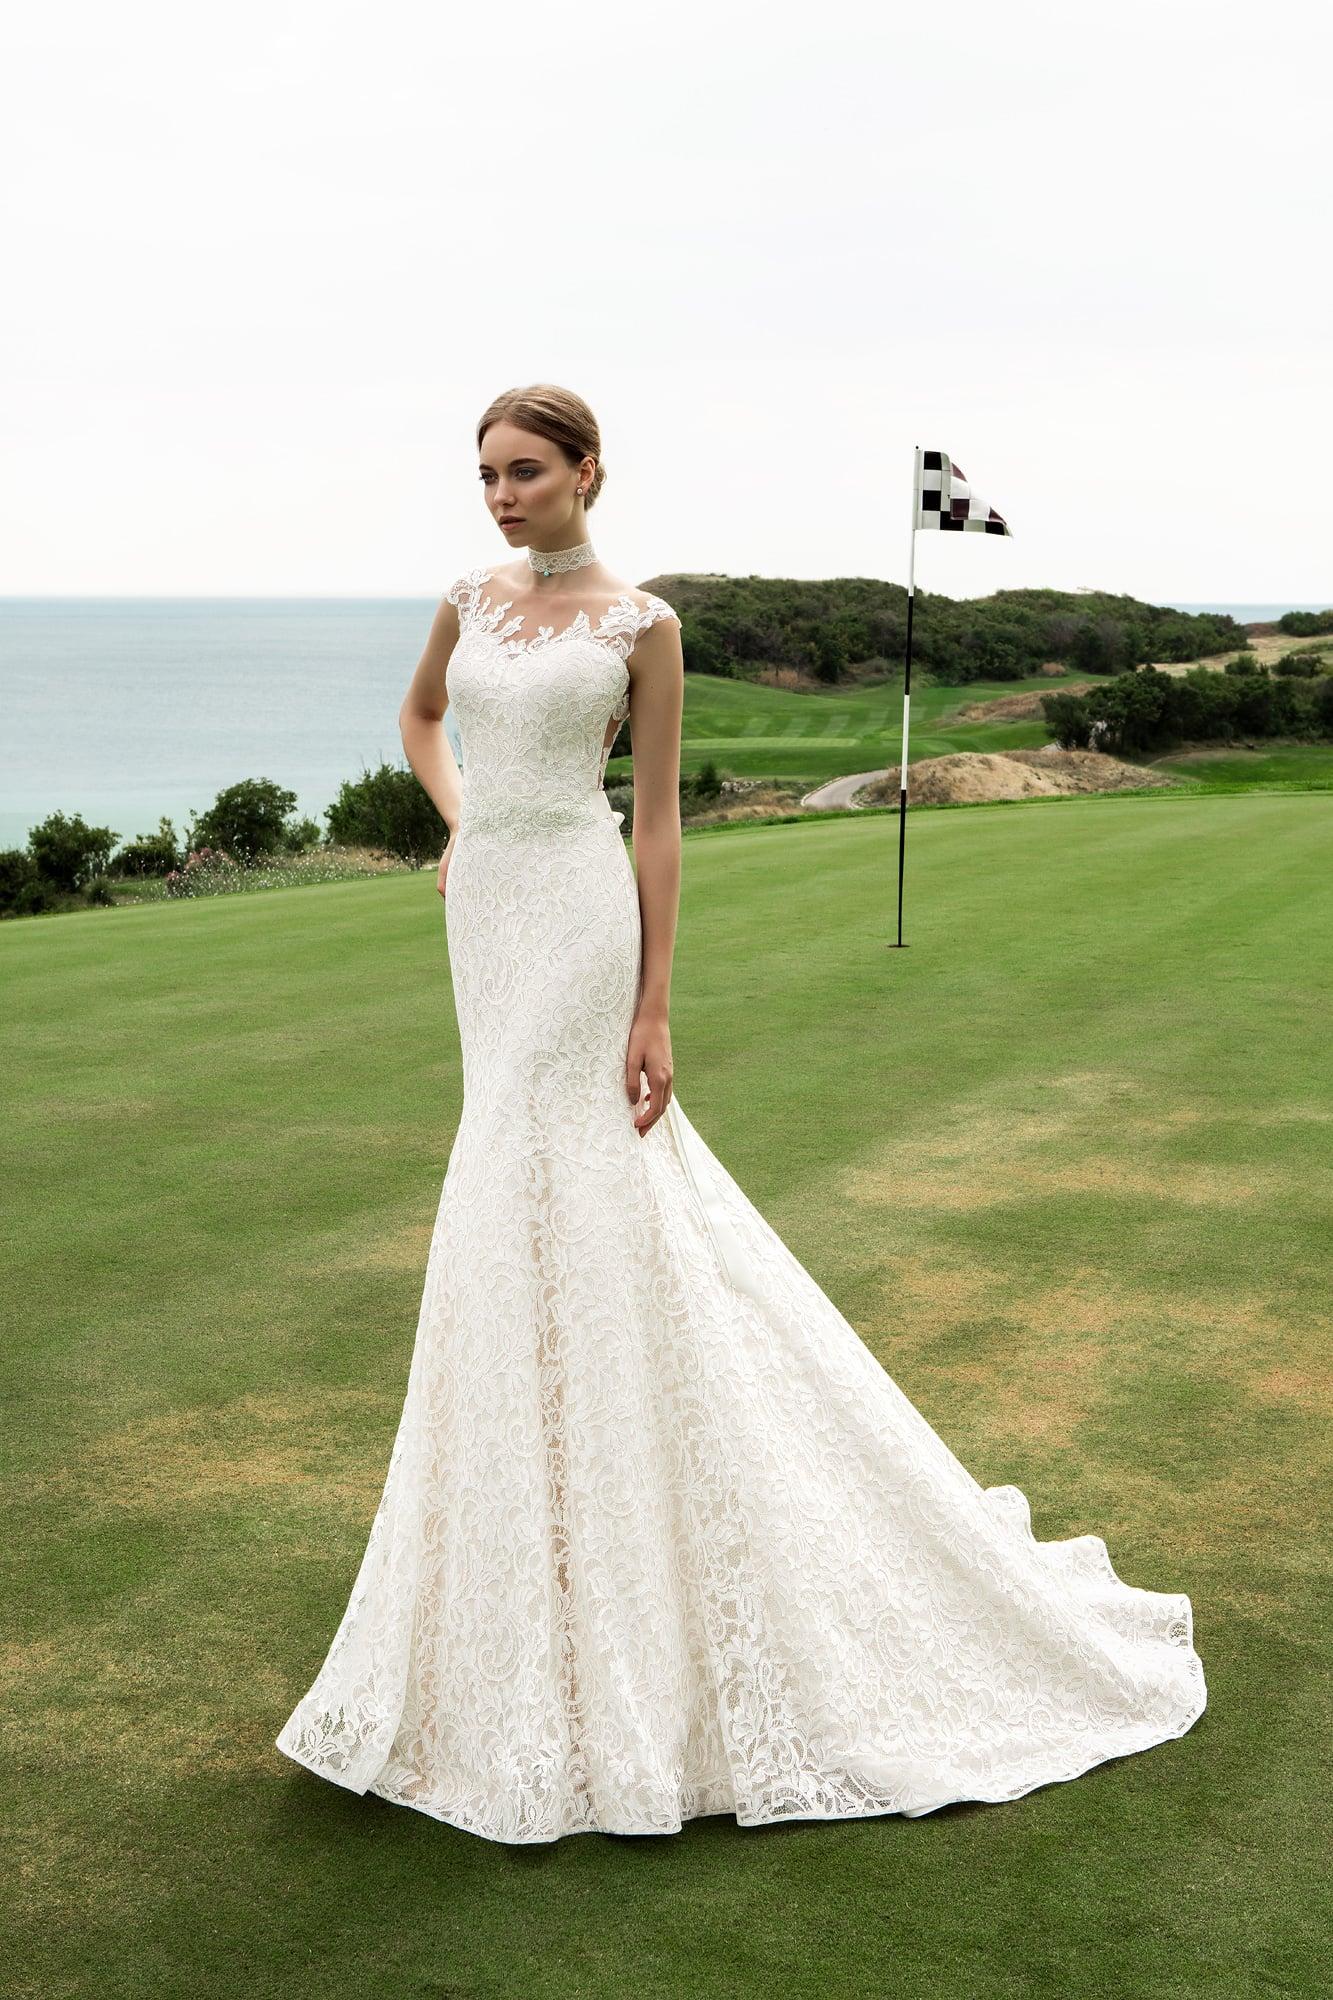 851bd64ef7e Гипюровое свадебное платье «русалка» с фигурным лифом и открытой глубоким  вырезом спинкой.